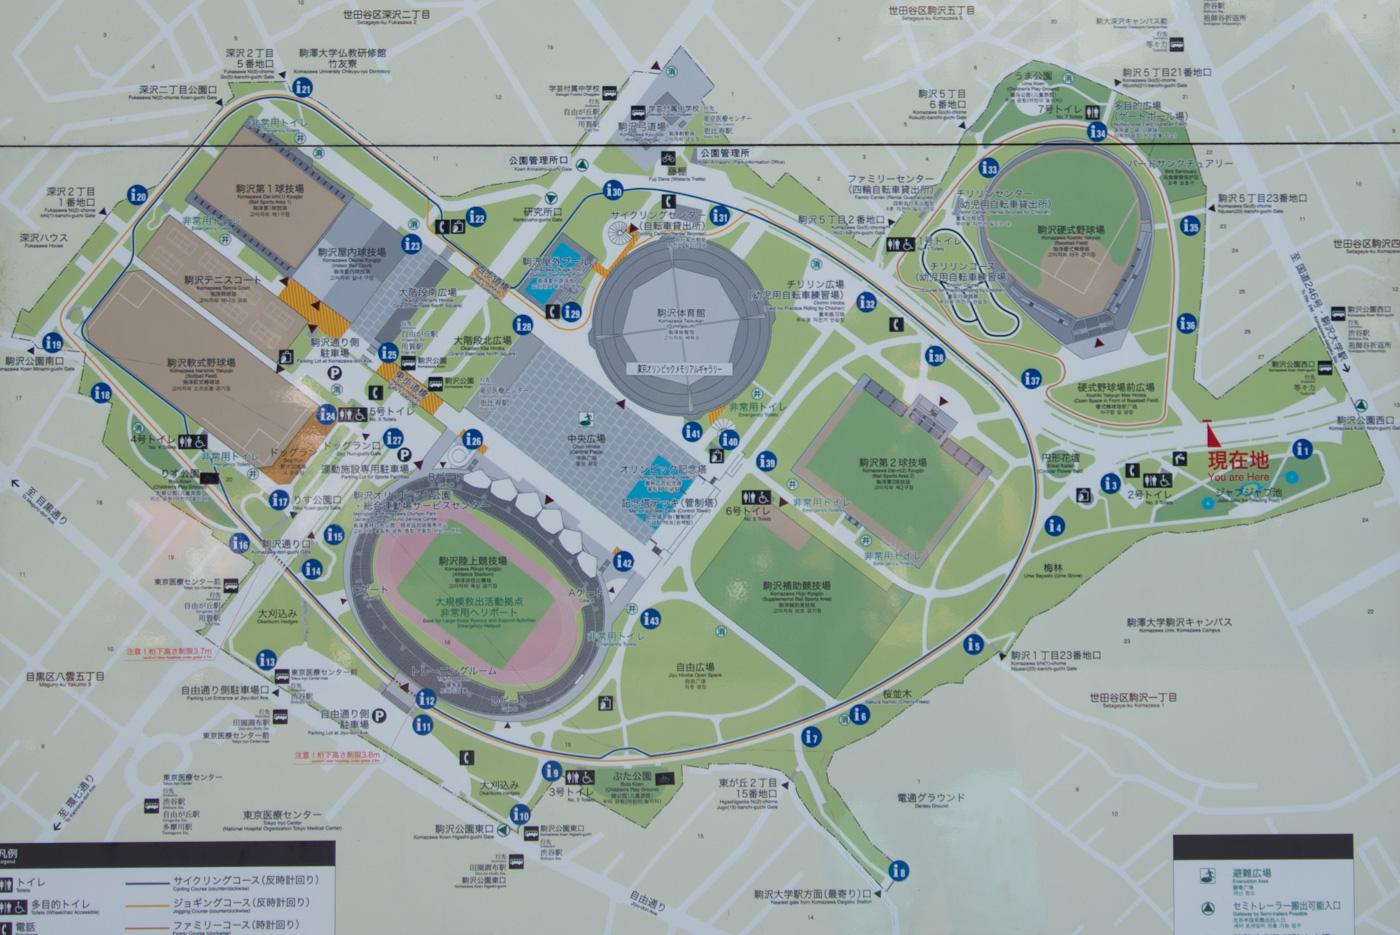 公園の地図(駒沢オリンピック公園)